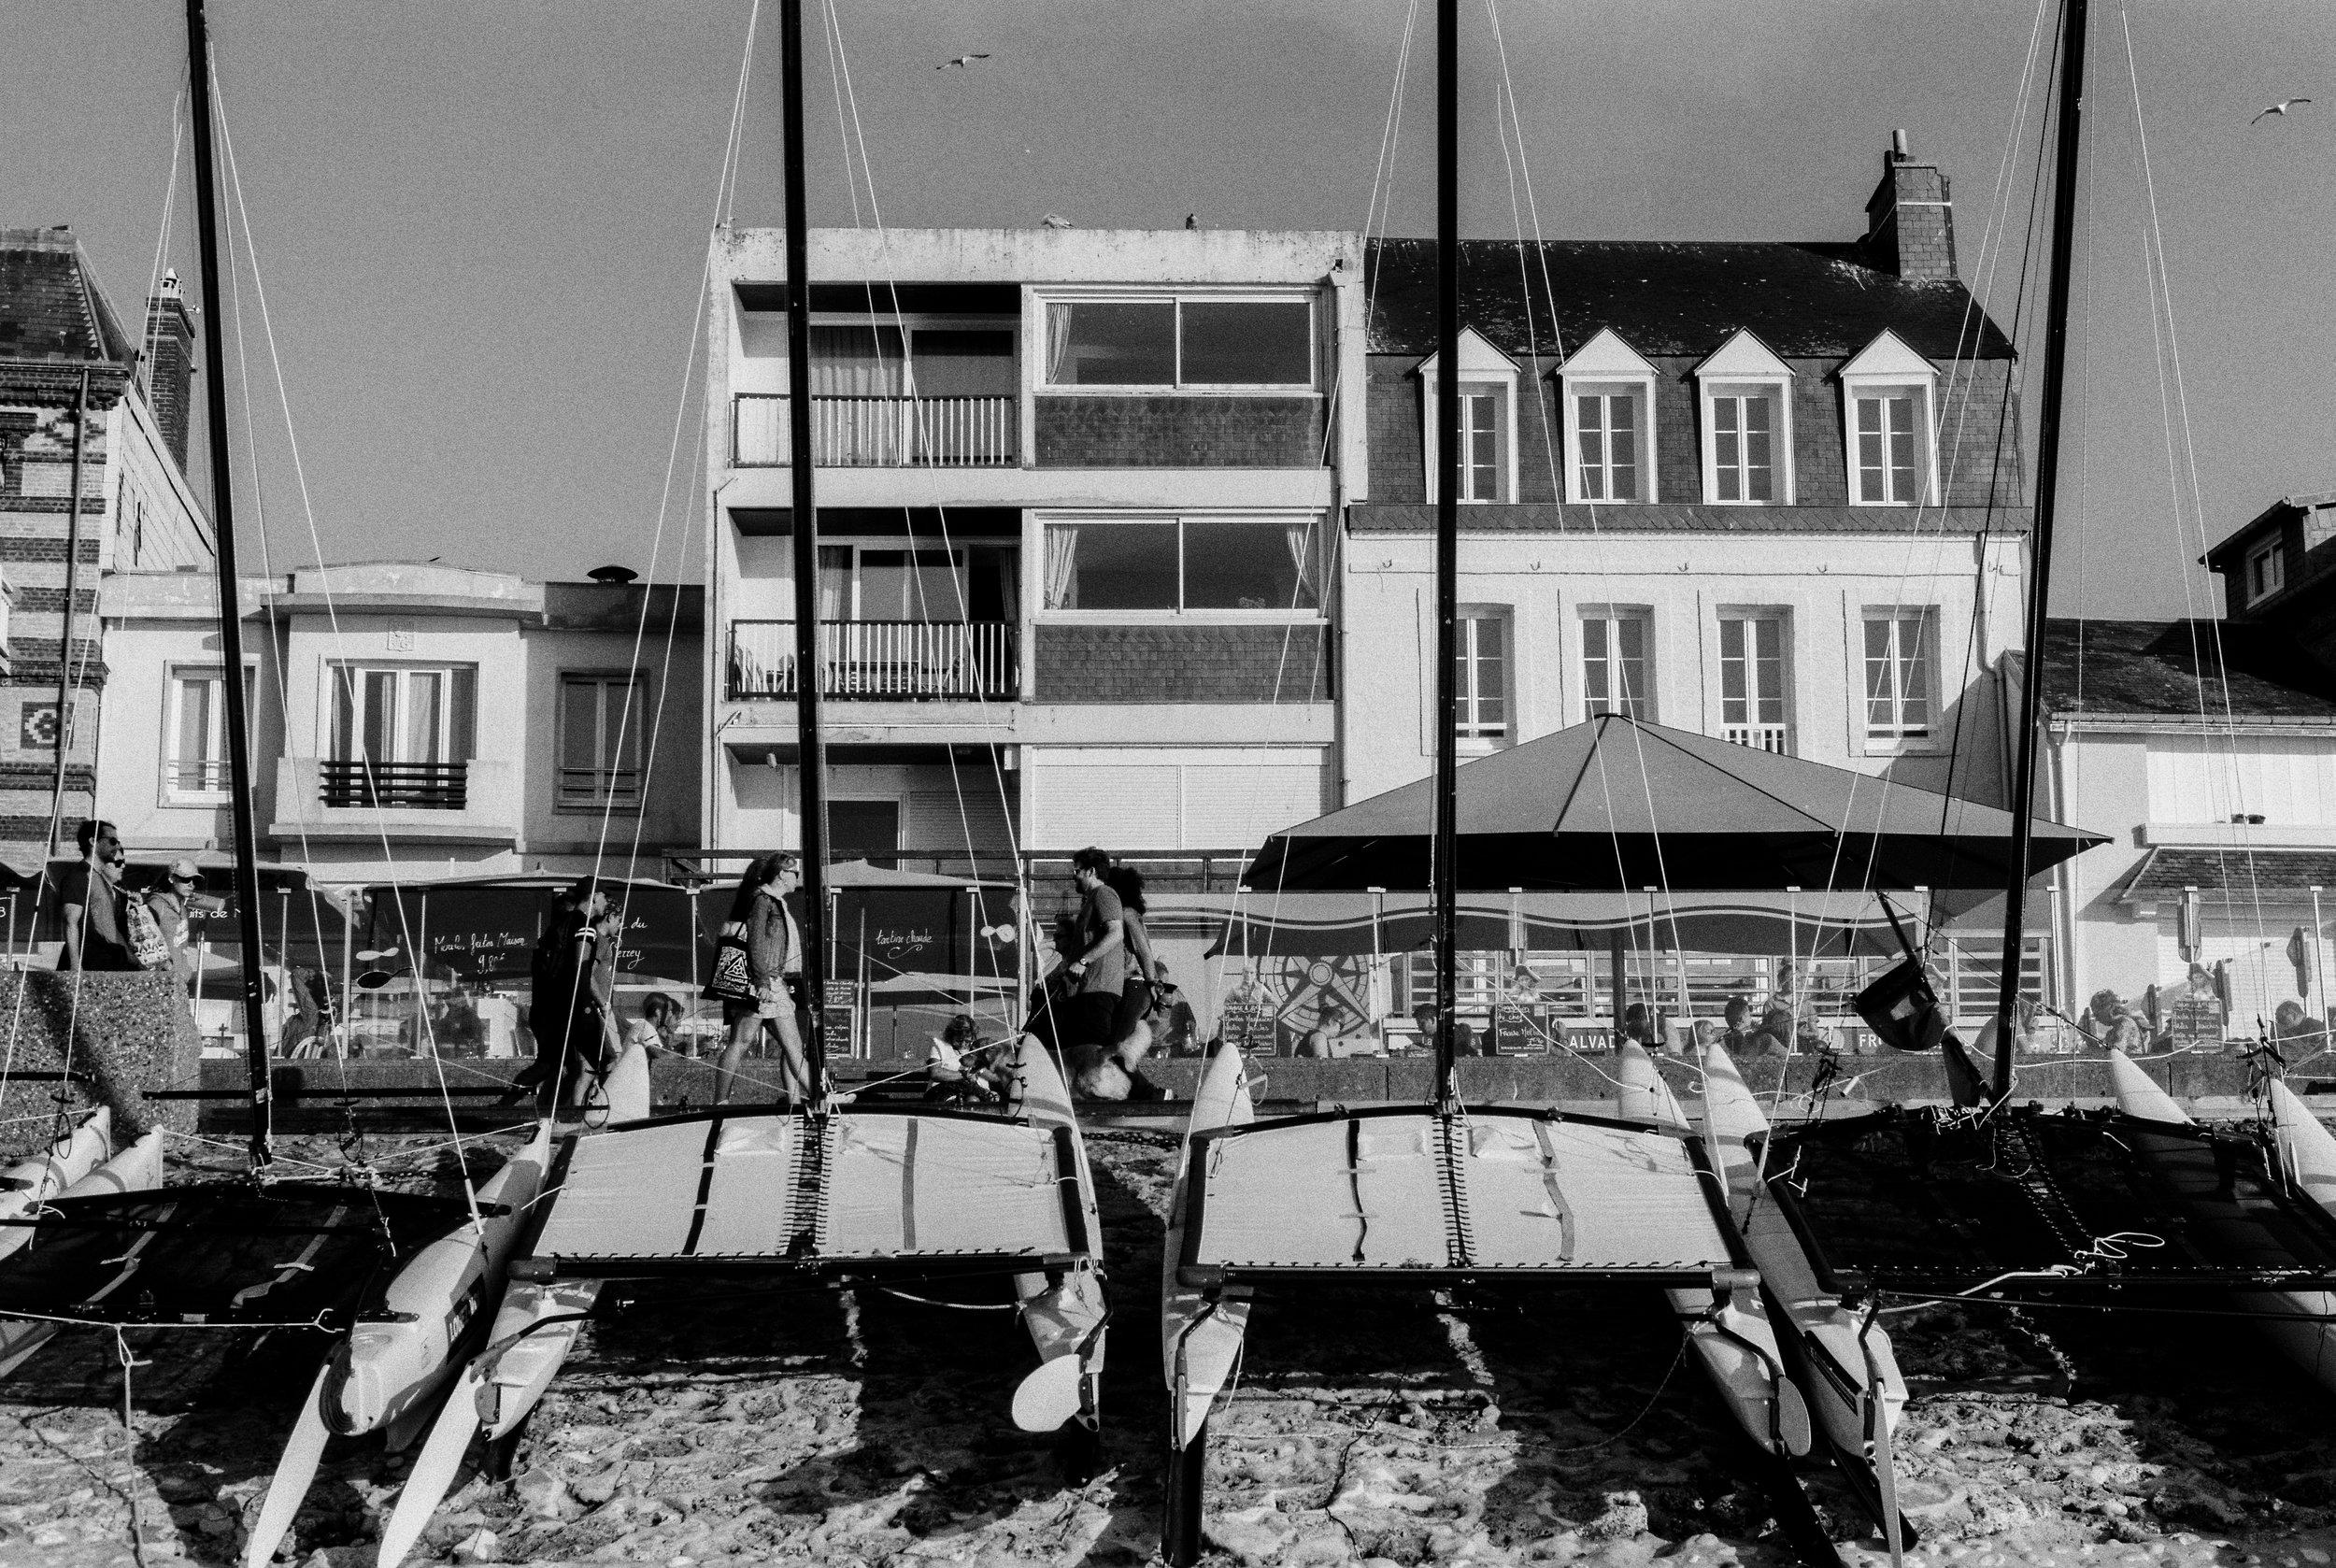 TaraShupe_NormandyFrance_MinoltaFilm_Vintage_012.jpg